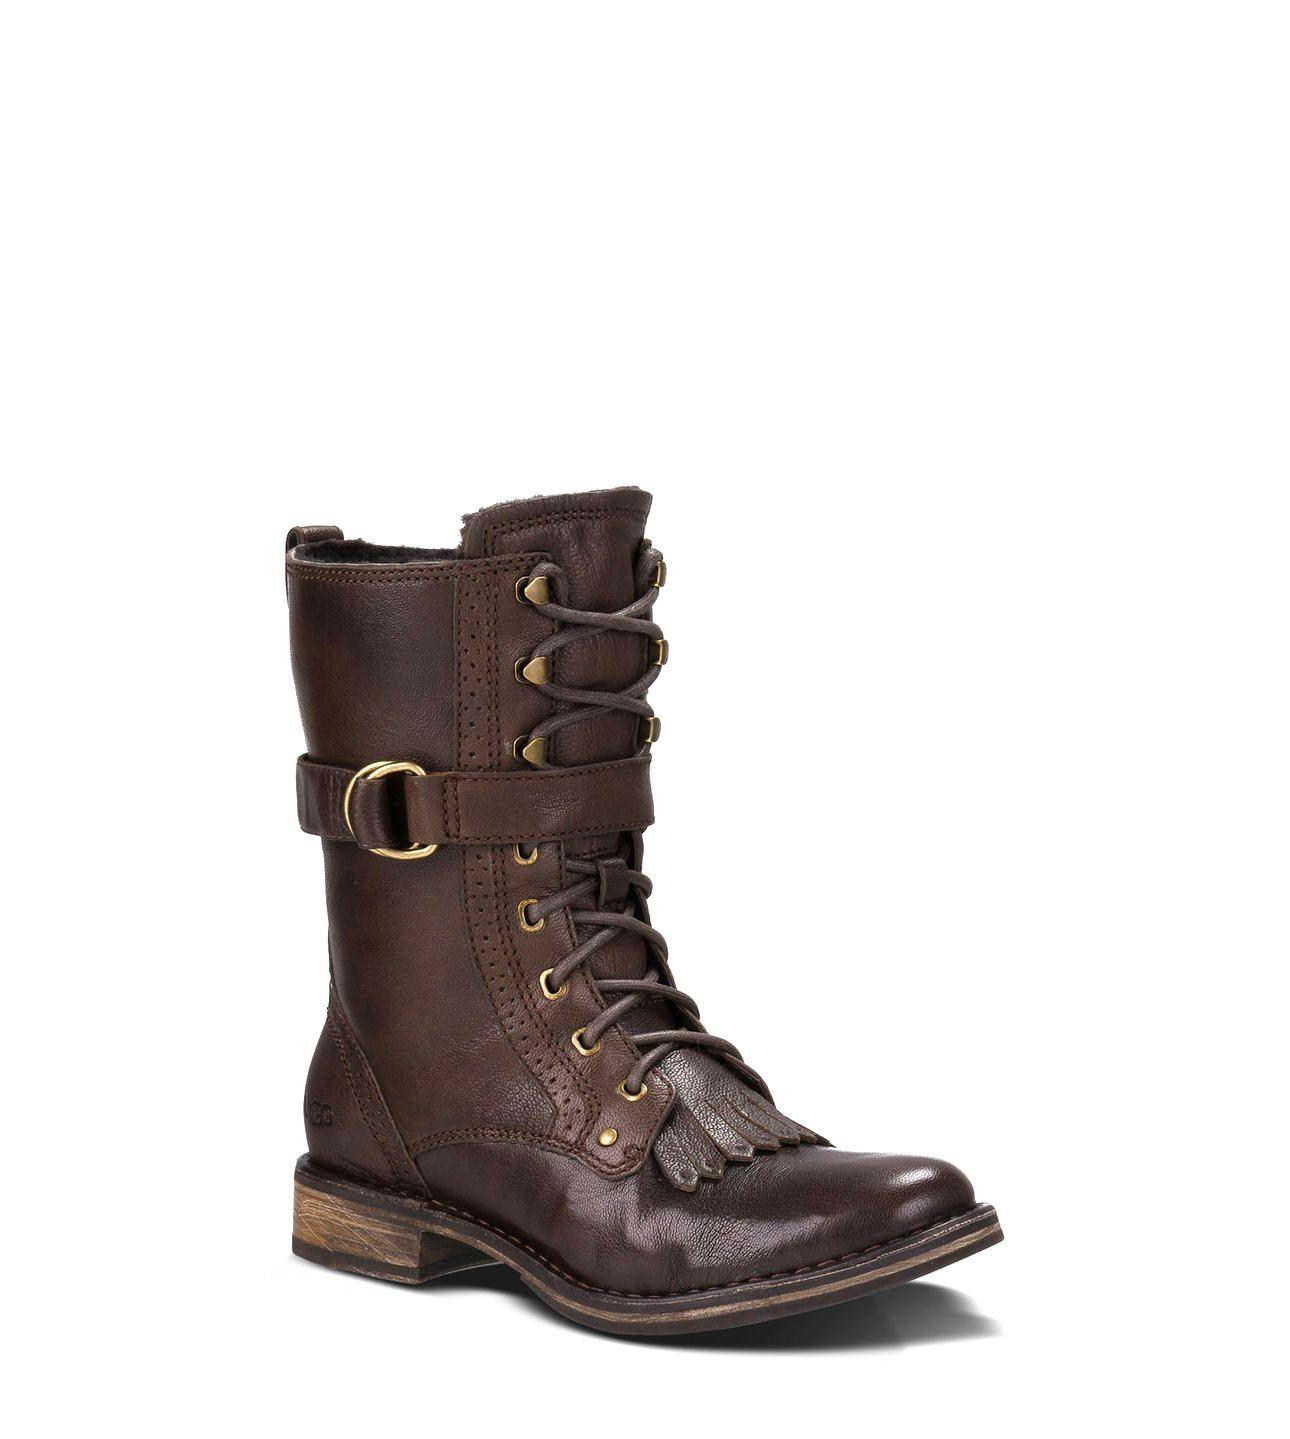 66ea98f652f Stiefel & Stiefeletten | Damen | UGG | Marken | Bootbay